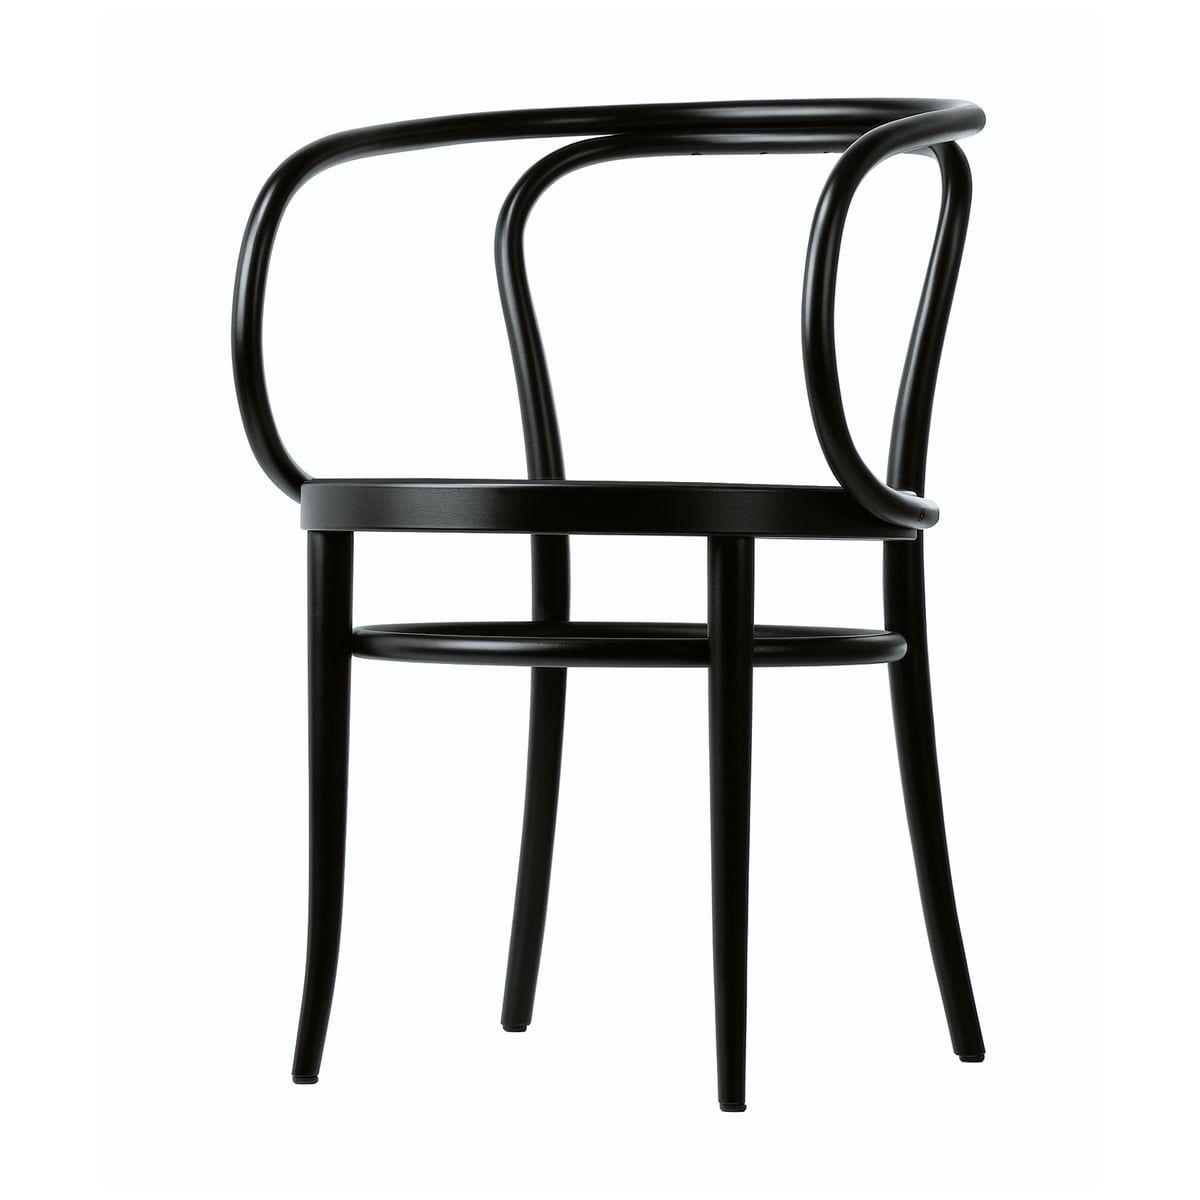 209 Armlehn-Stuhl von Thonet | Connox Shop